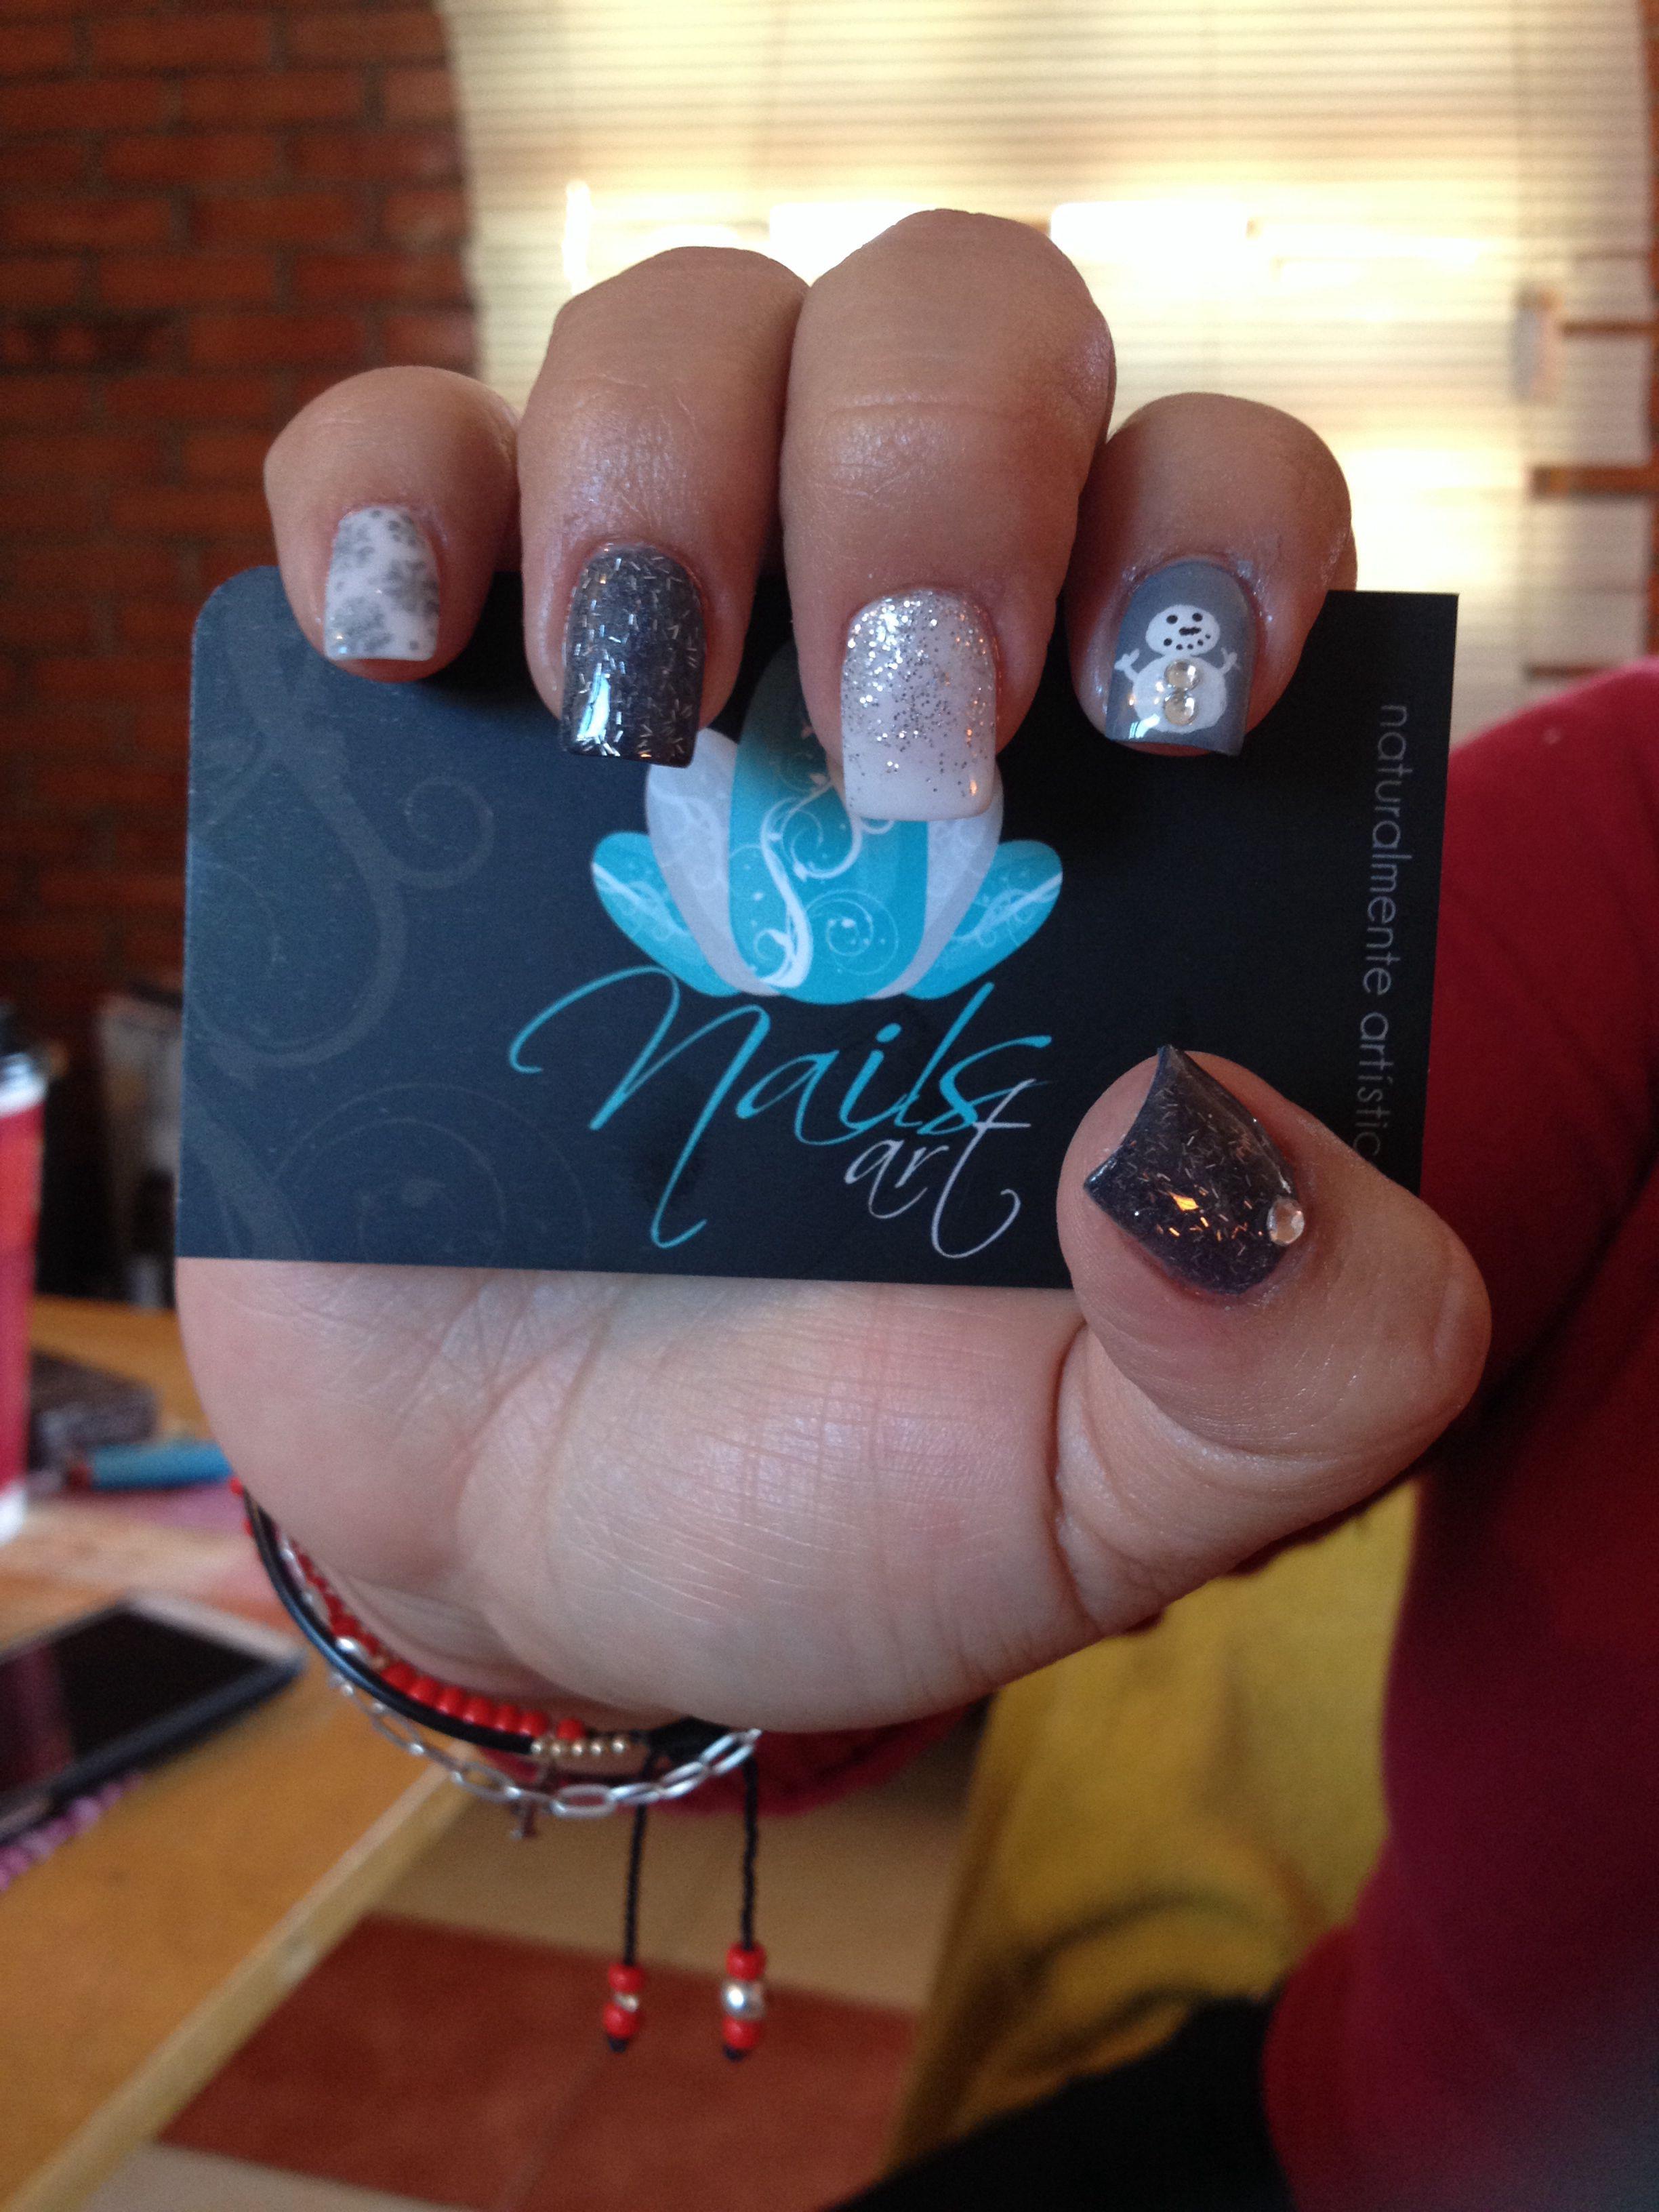 Nails art acrylic nails christmas nails Nails art Pinterest